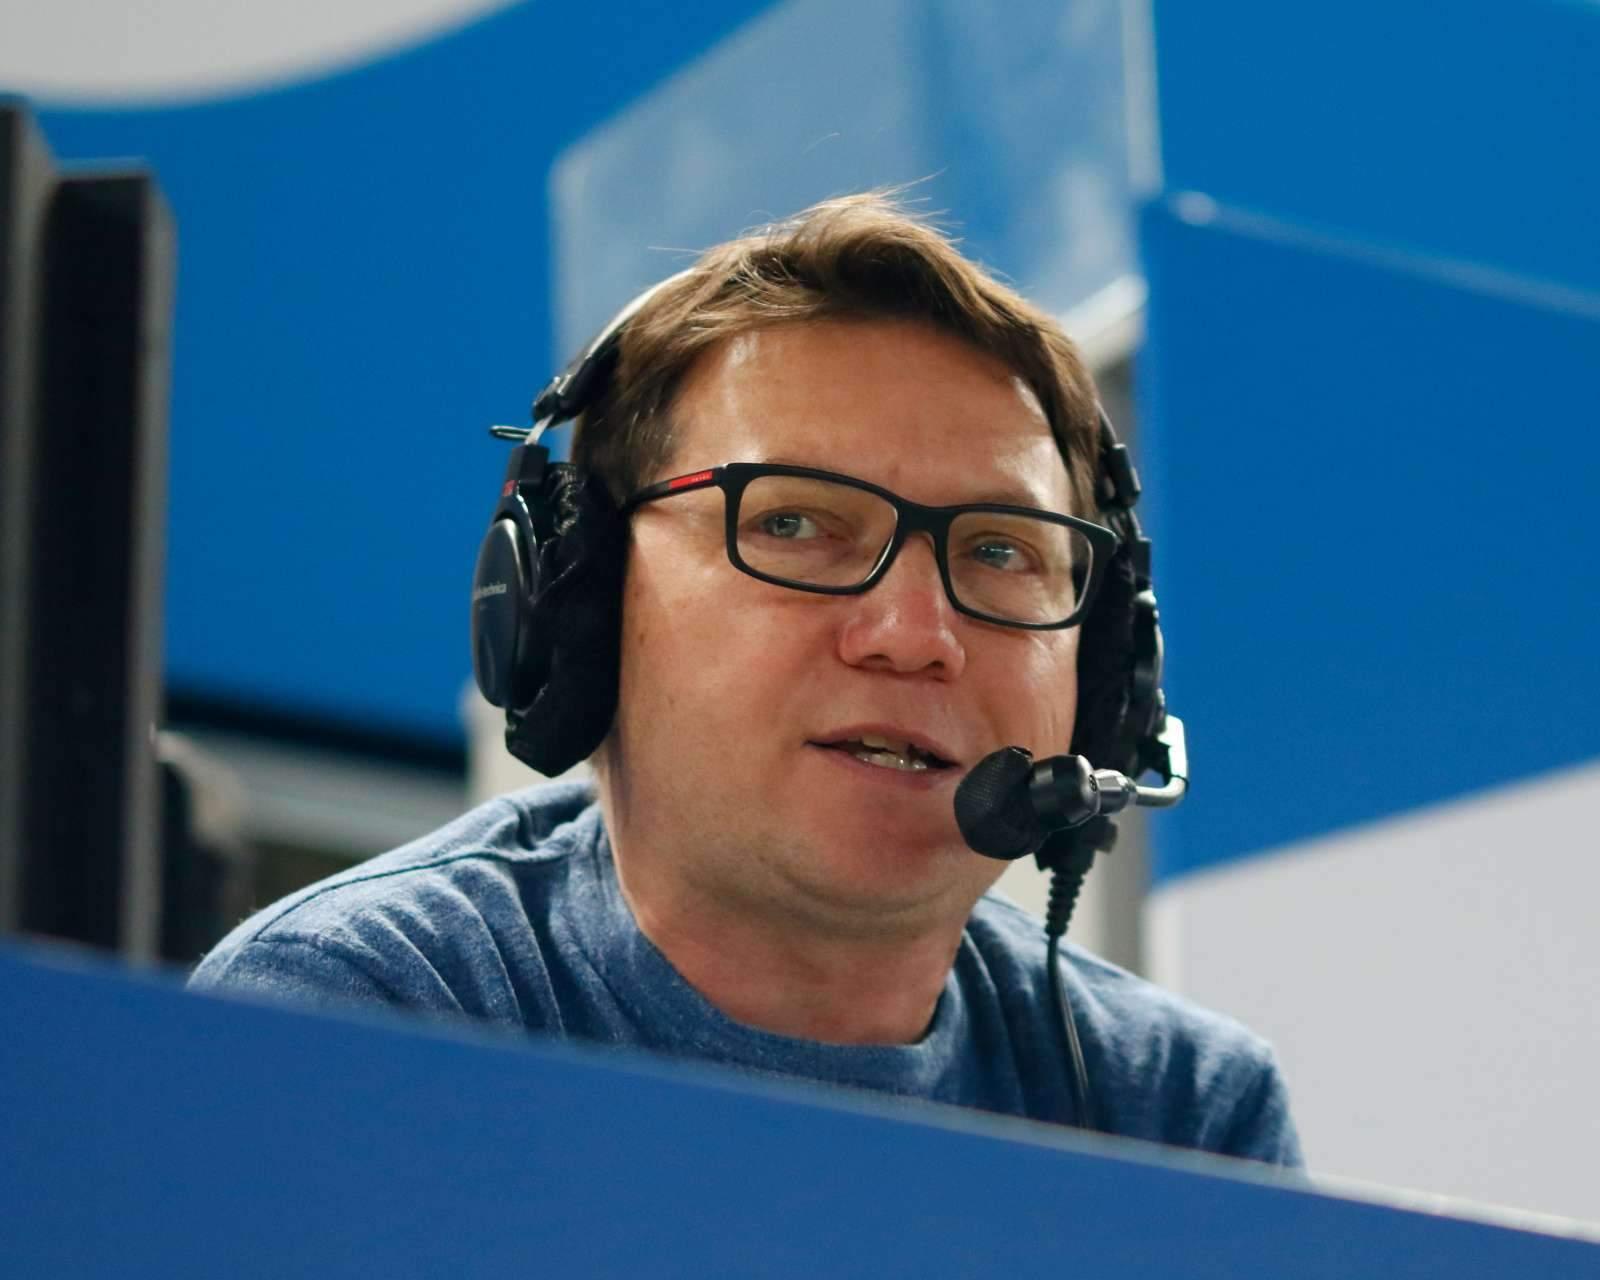 «Договорные матчи и распил»: Черданцев не переживает за ФНЛ и ПФЛ